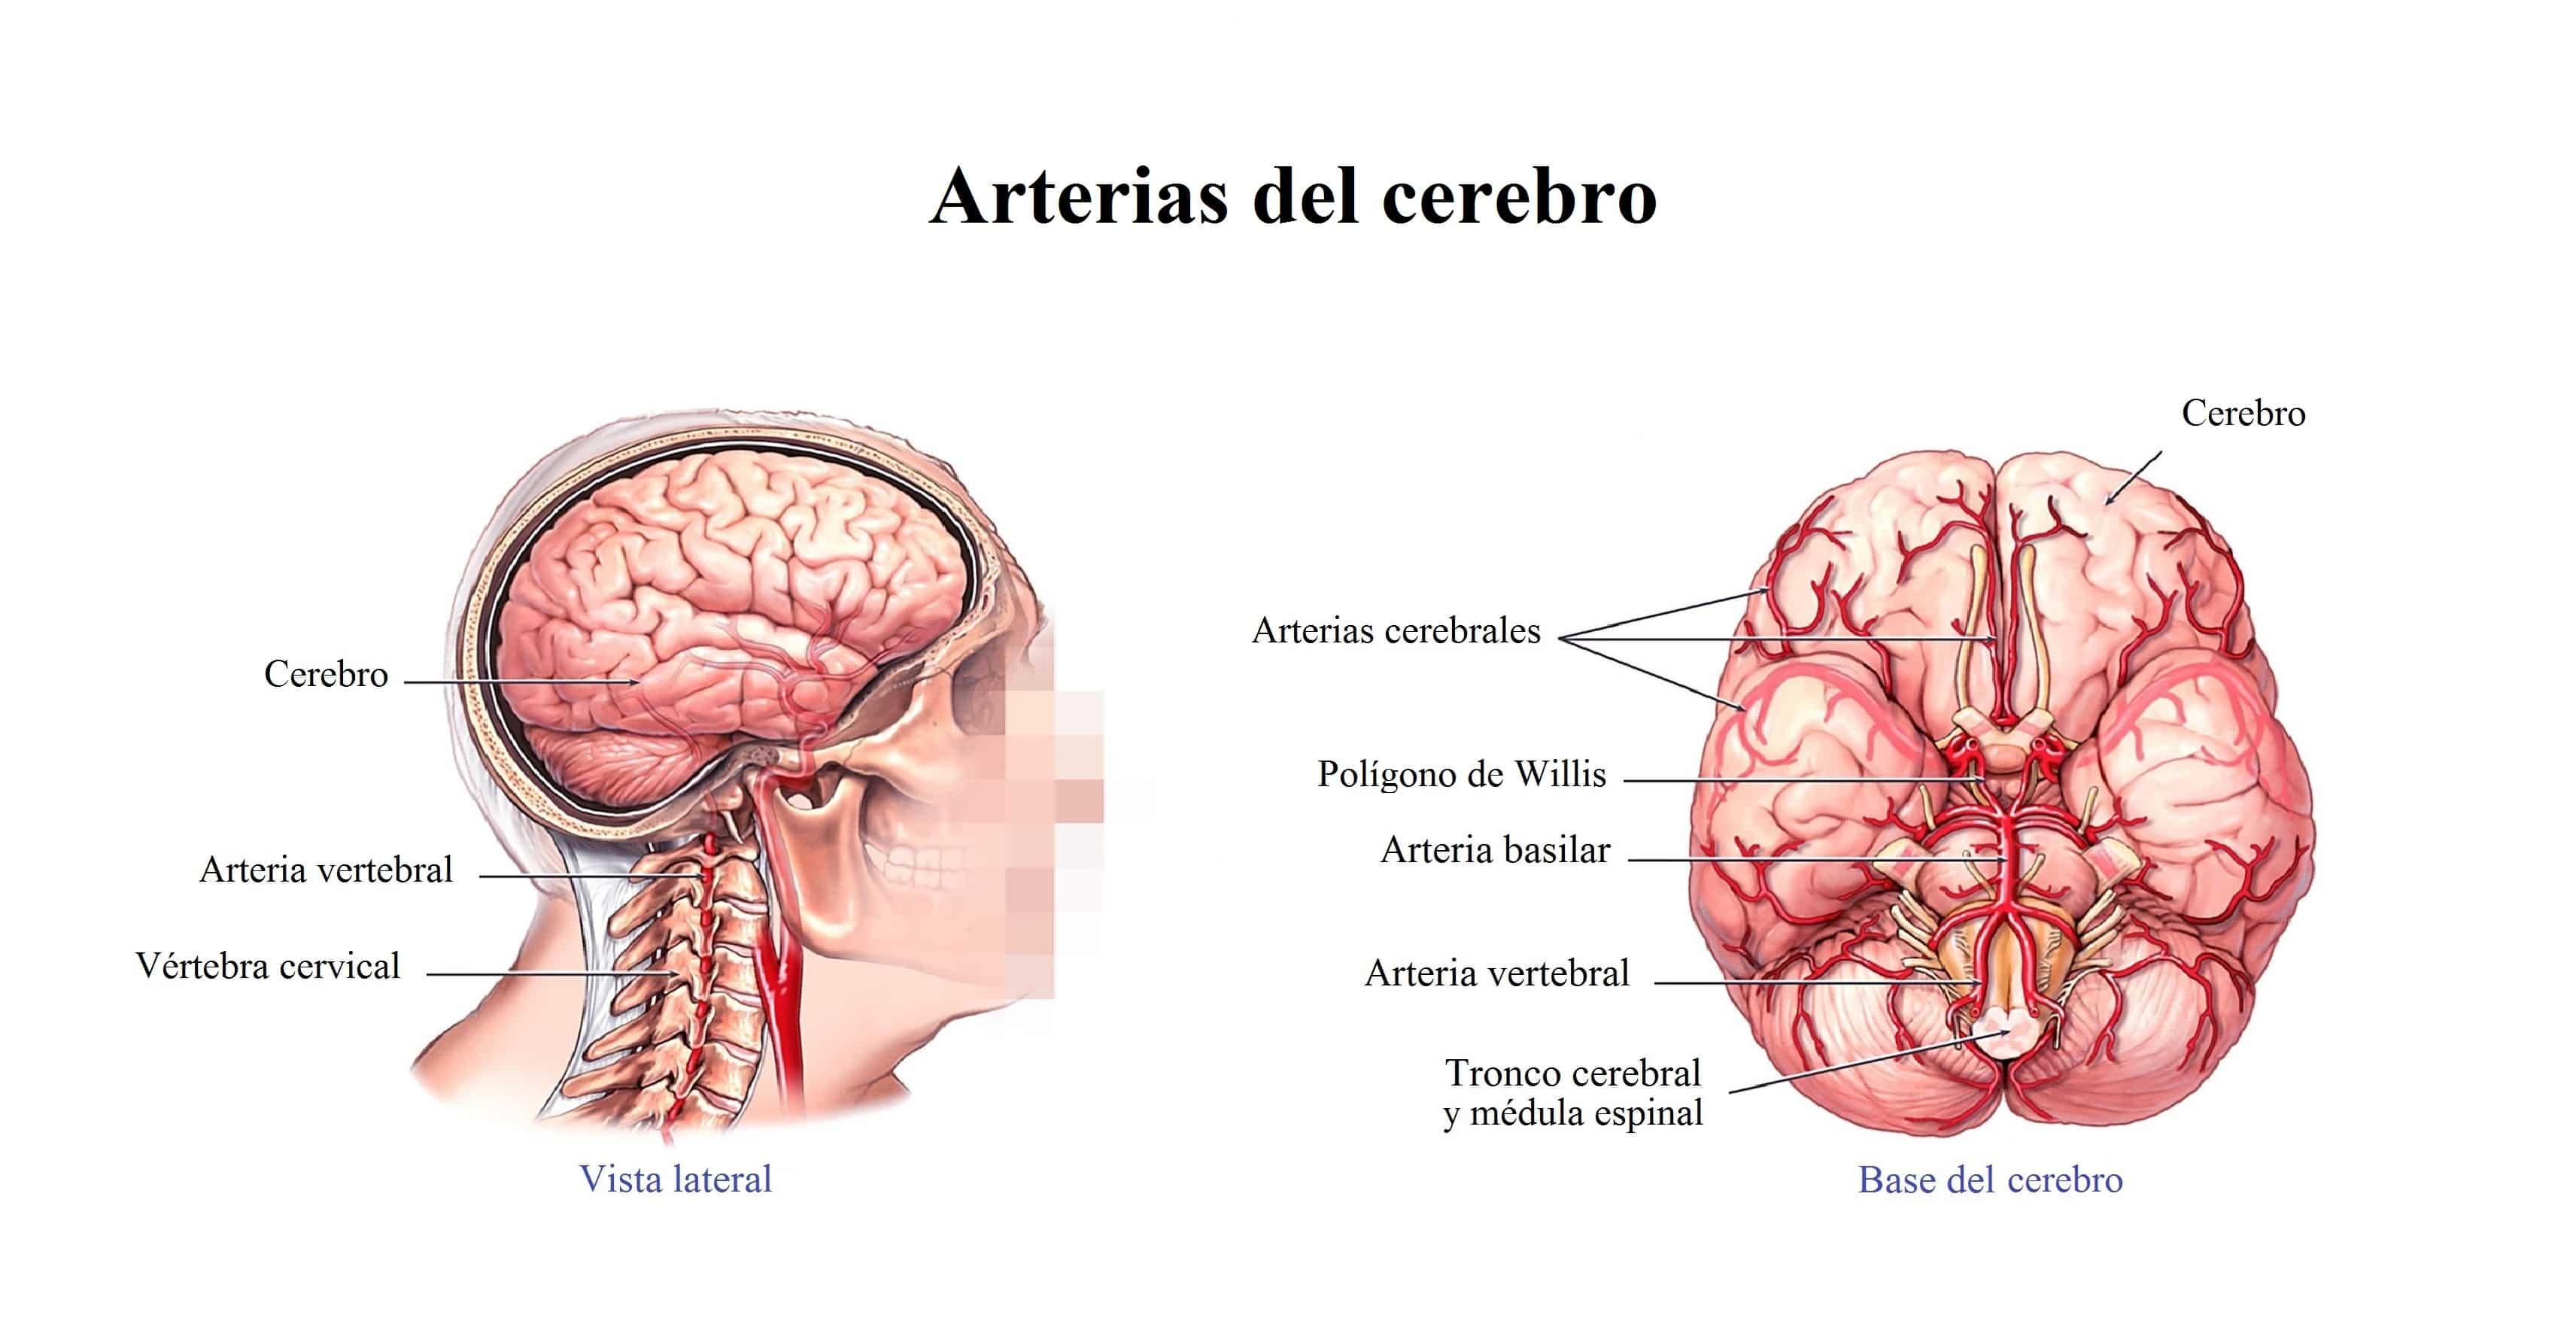 arterias-del-cuello-y-del-cerebro